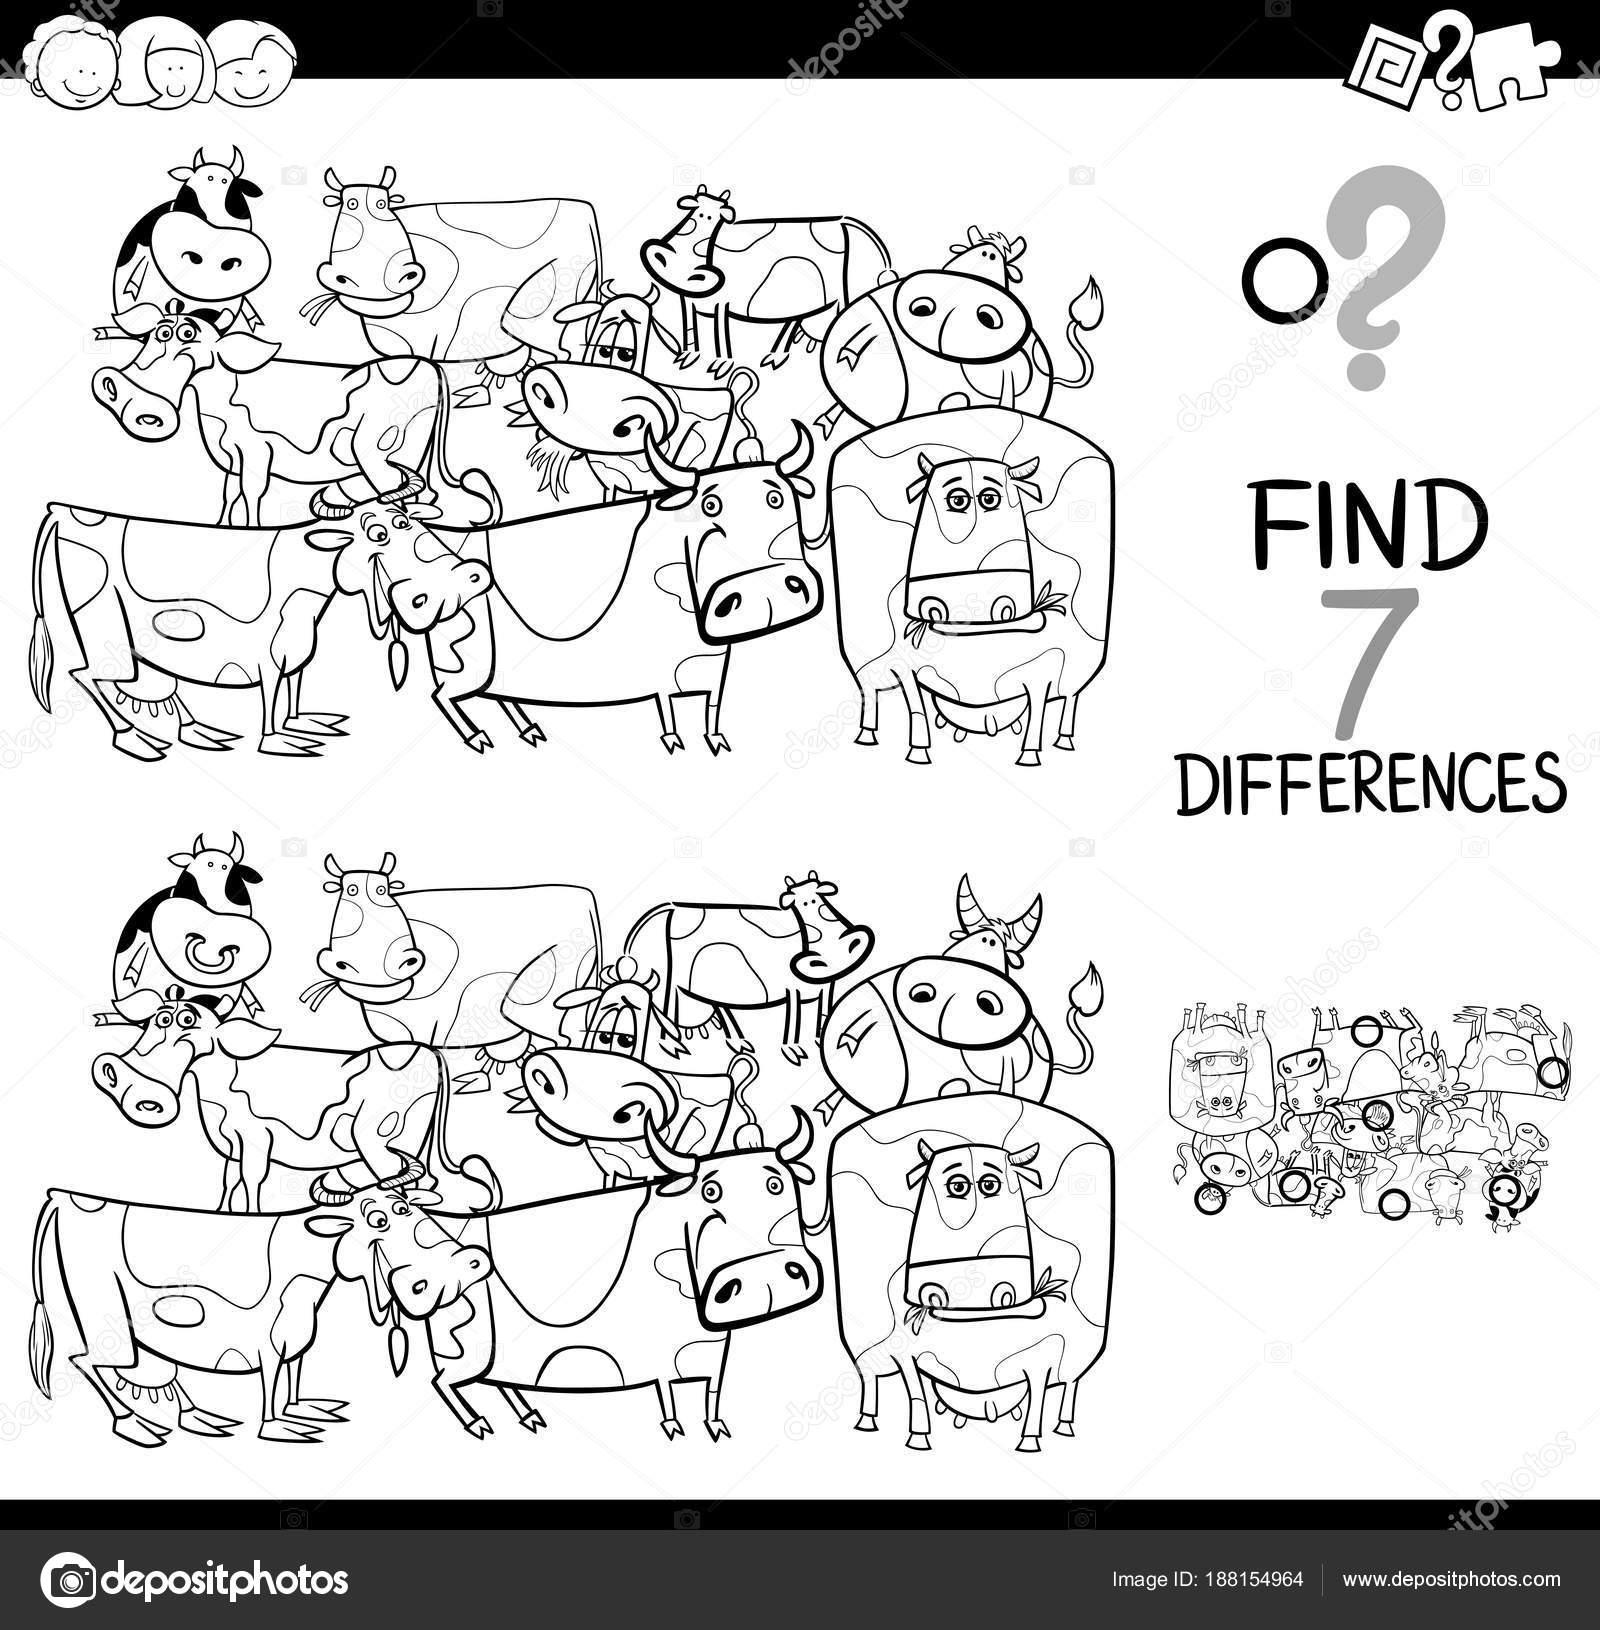 çiftlik Inekleri Boyama Kitabı Ile Farklılıklar Oyunu Stok Vektör